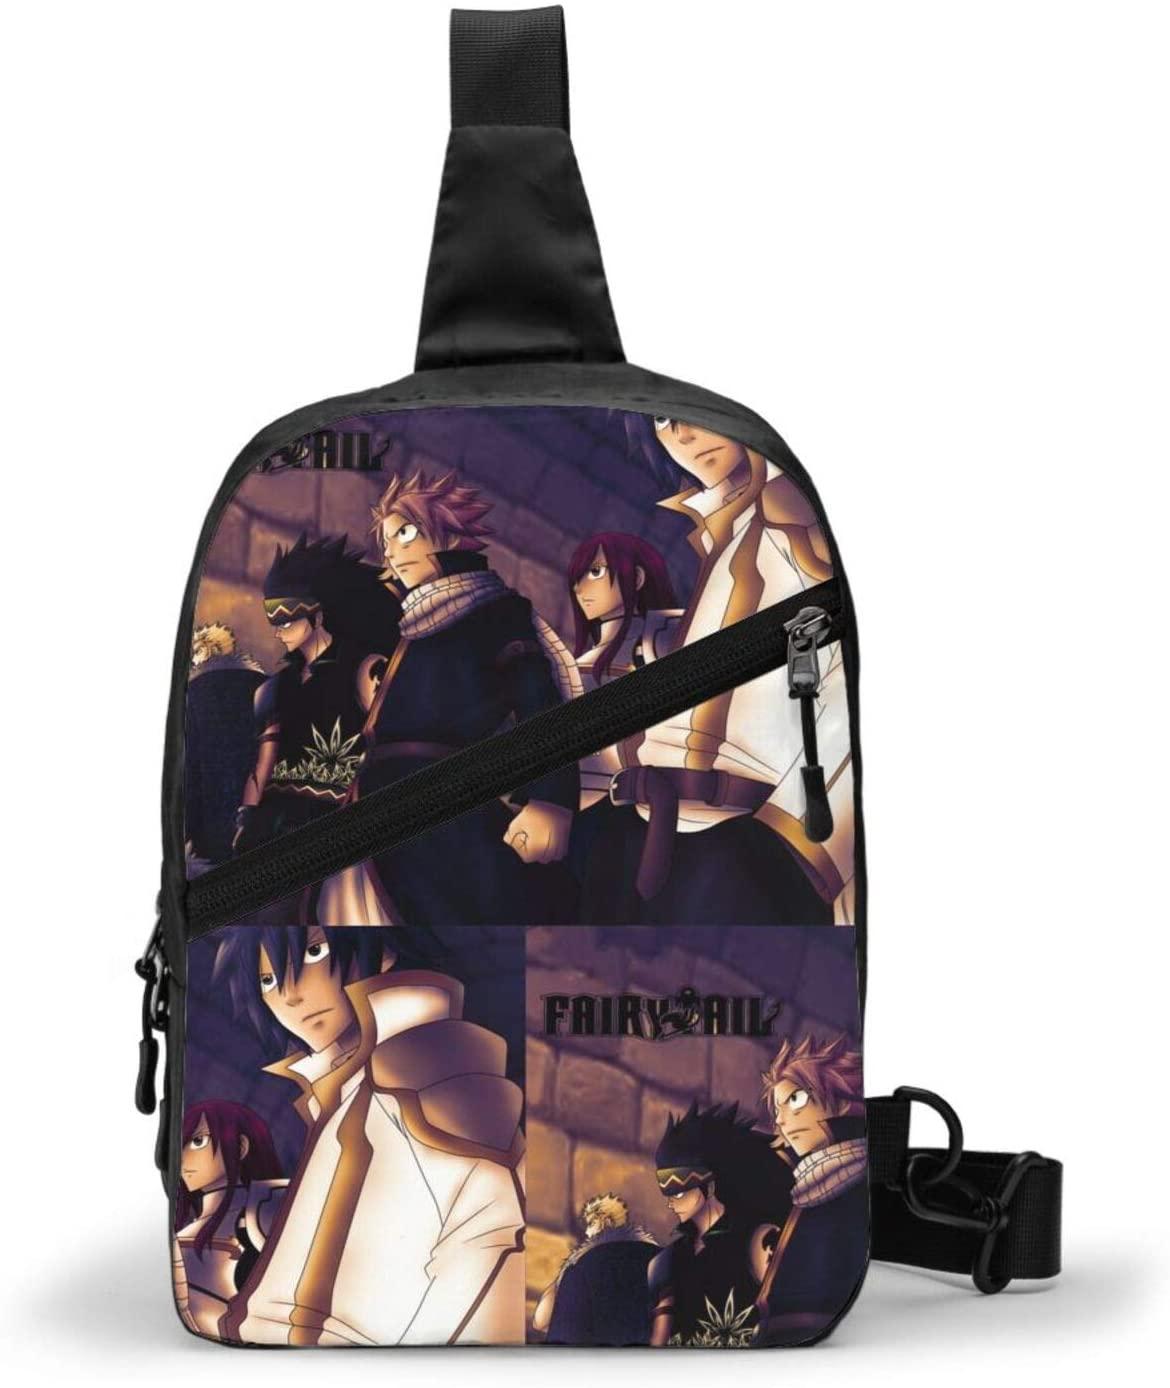 Fairy Tail Backpack Cross Body Bag Sling Bag Chest Pack Bag Men/Women Folding Chest Bag